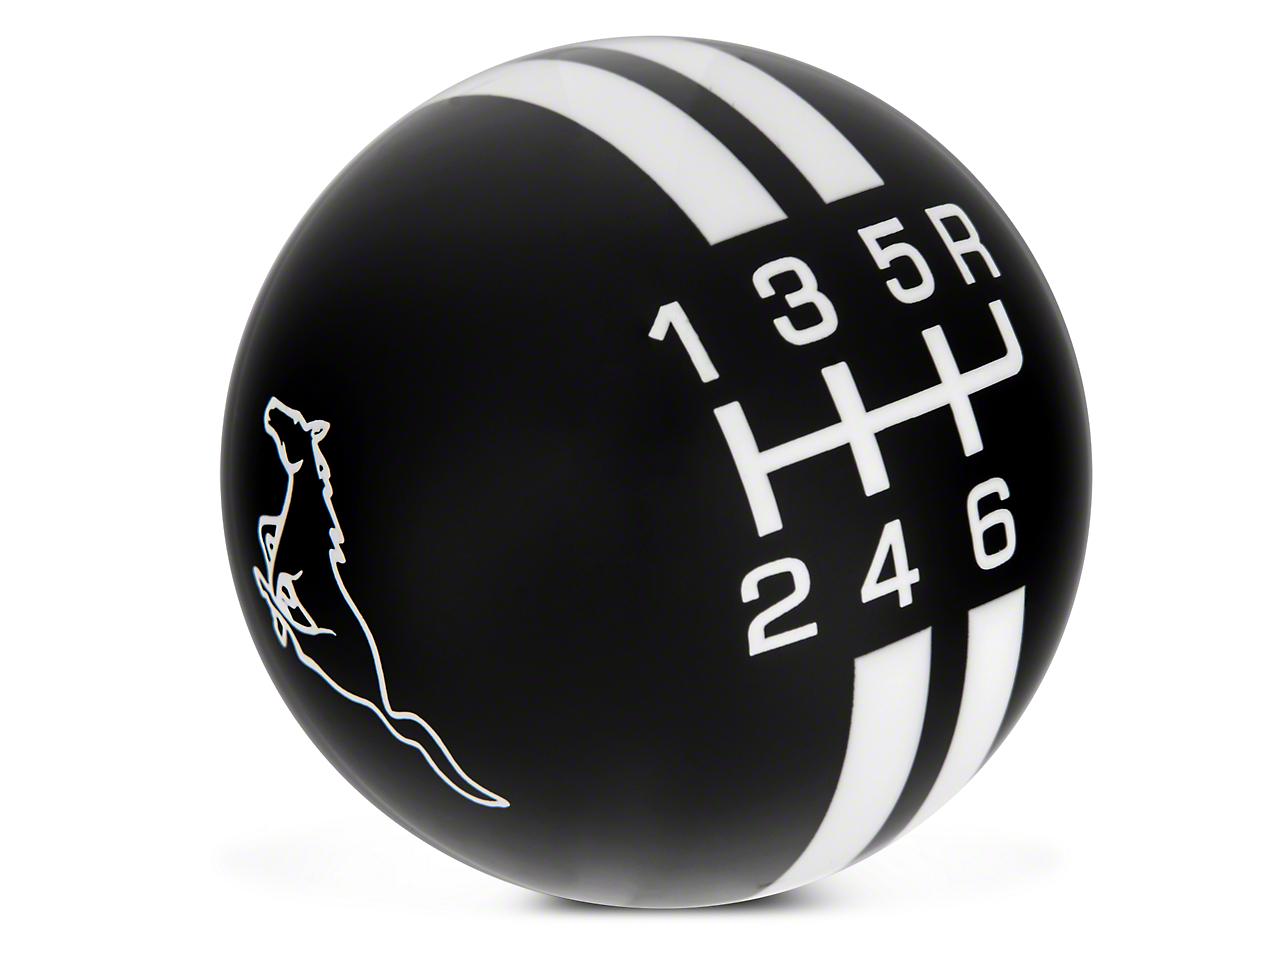 Rally Stripe 6-Speed Shift Knob w/ Running Pony Logo - Black/White (10-14 GT500)